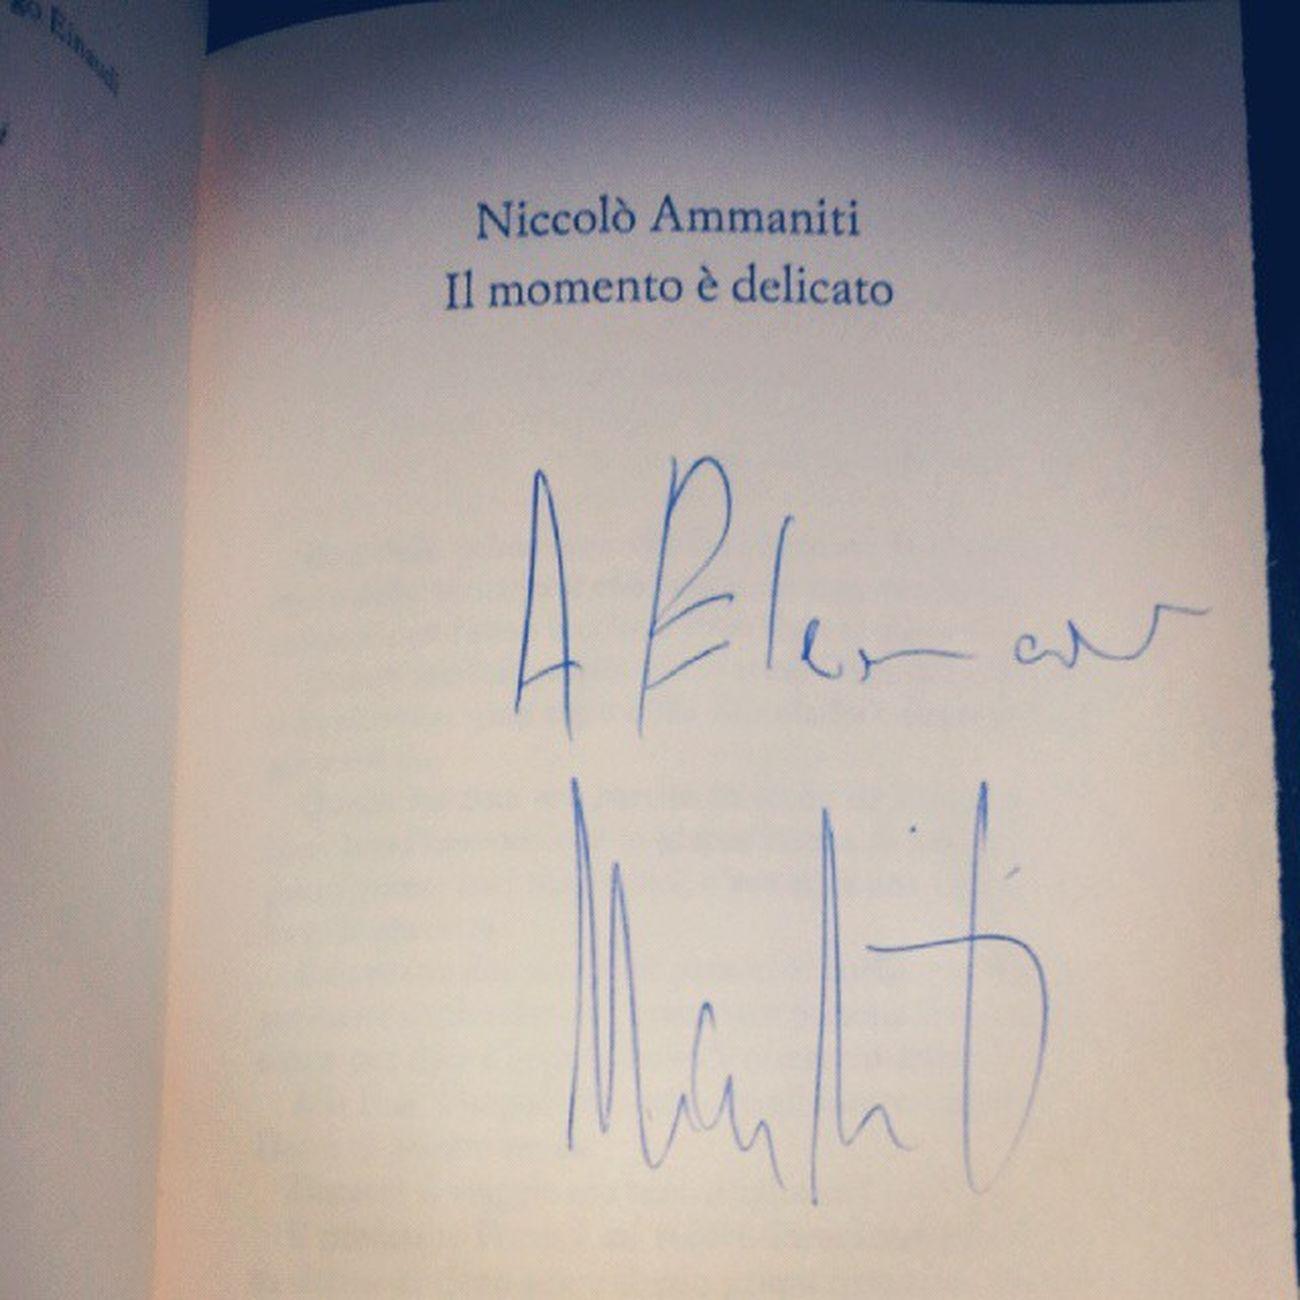 Ilmomentoèdelicato Ammaniti Autografo Medimex2014